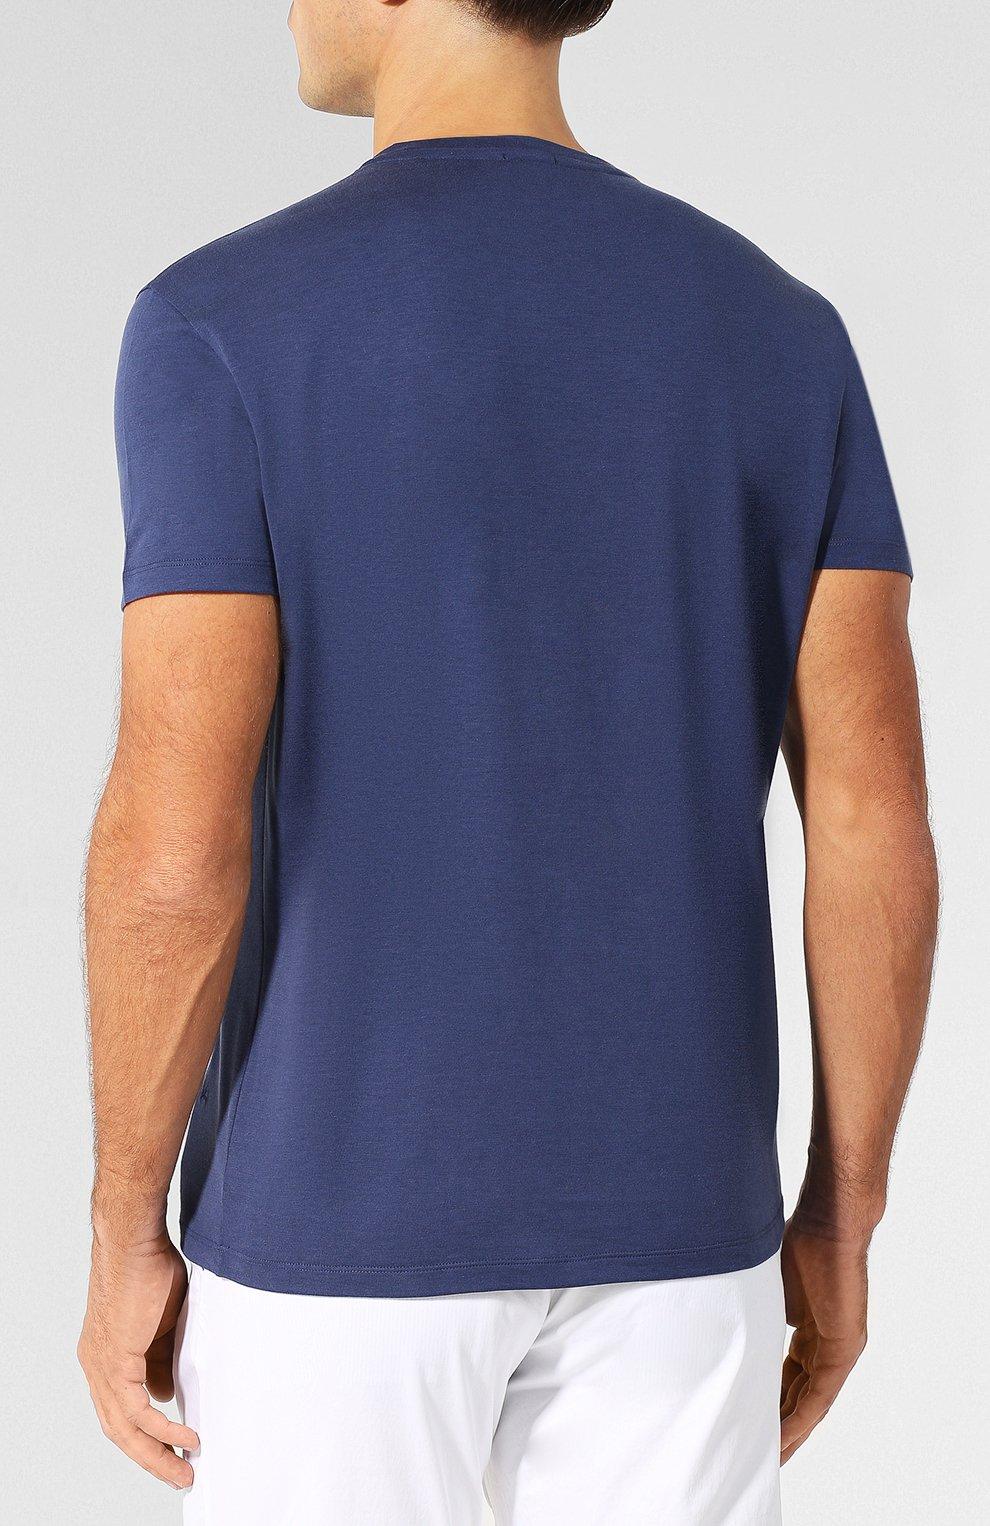 Хлопковая футболка с круглым вырезом Isaia темно-синяя   Фото №4